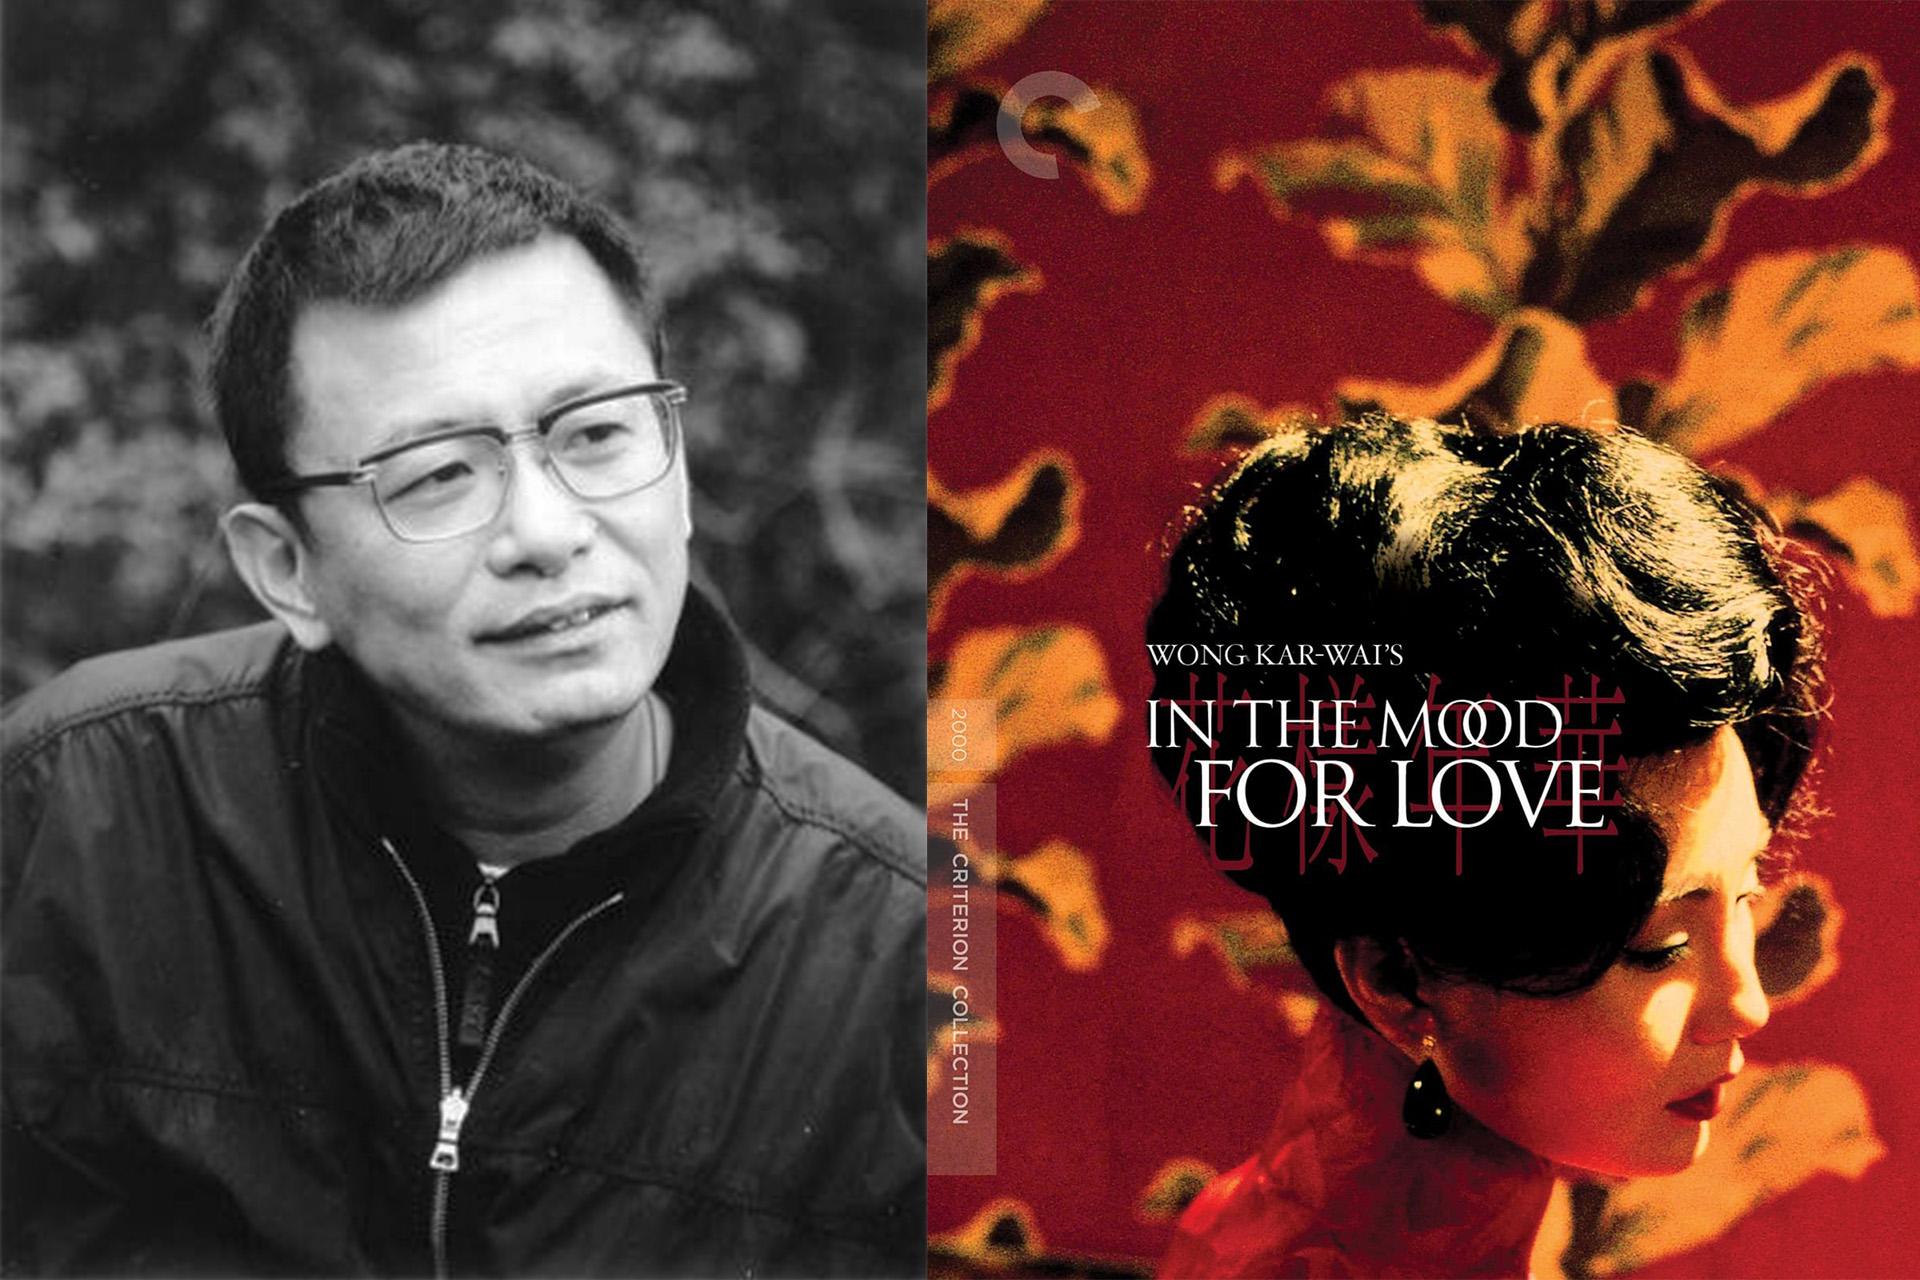 КИНОСОФИЯ: фильм со смыслом «Любовное настроение» режиссера Вонга Карвая